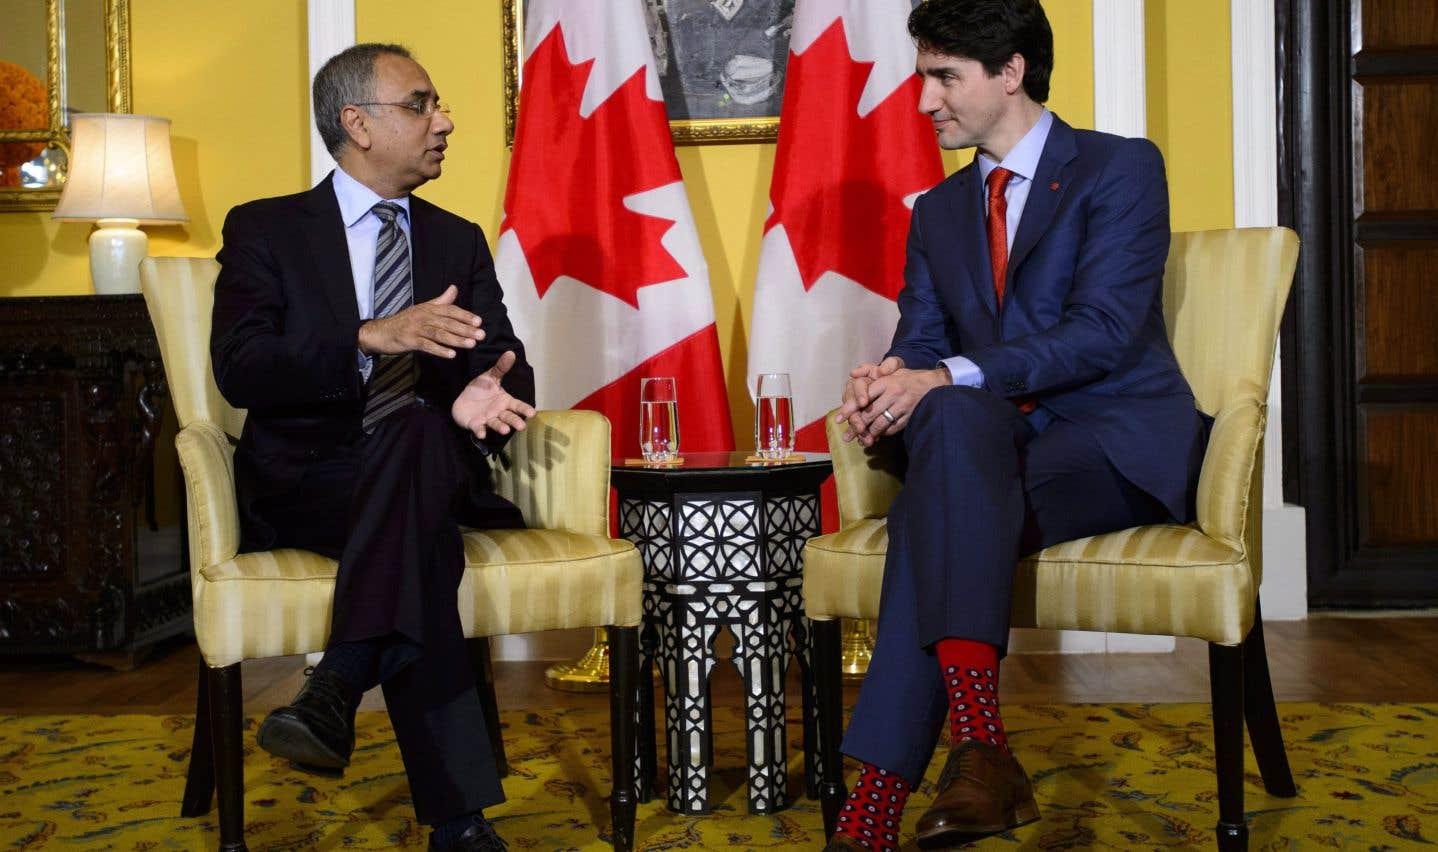 Justin Trudeau a notamment rencontré le patron de la firme de technologies de l'information InfoSys, Salil Parekh.